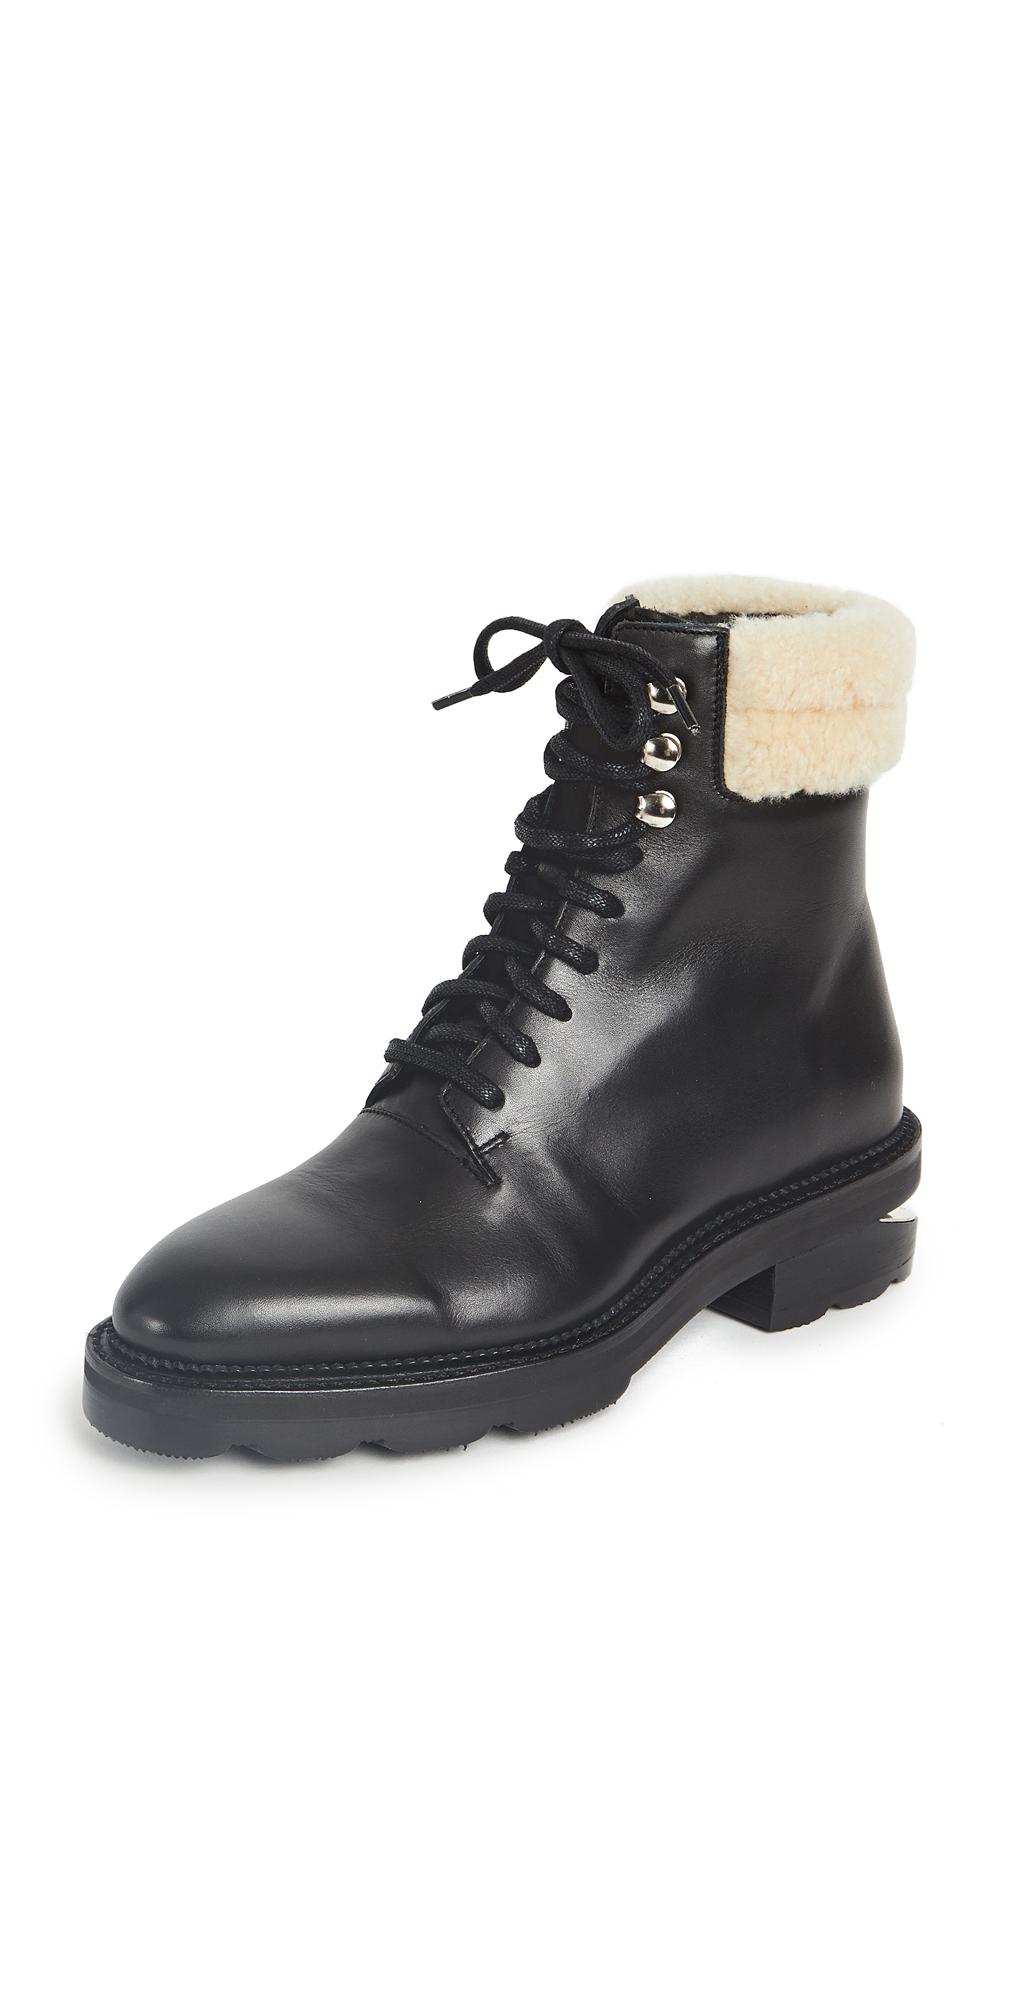 Alexander Wang Andy Hiker Boots